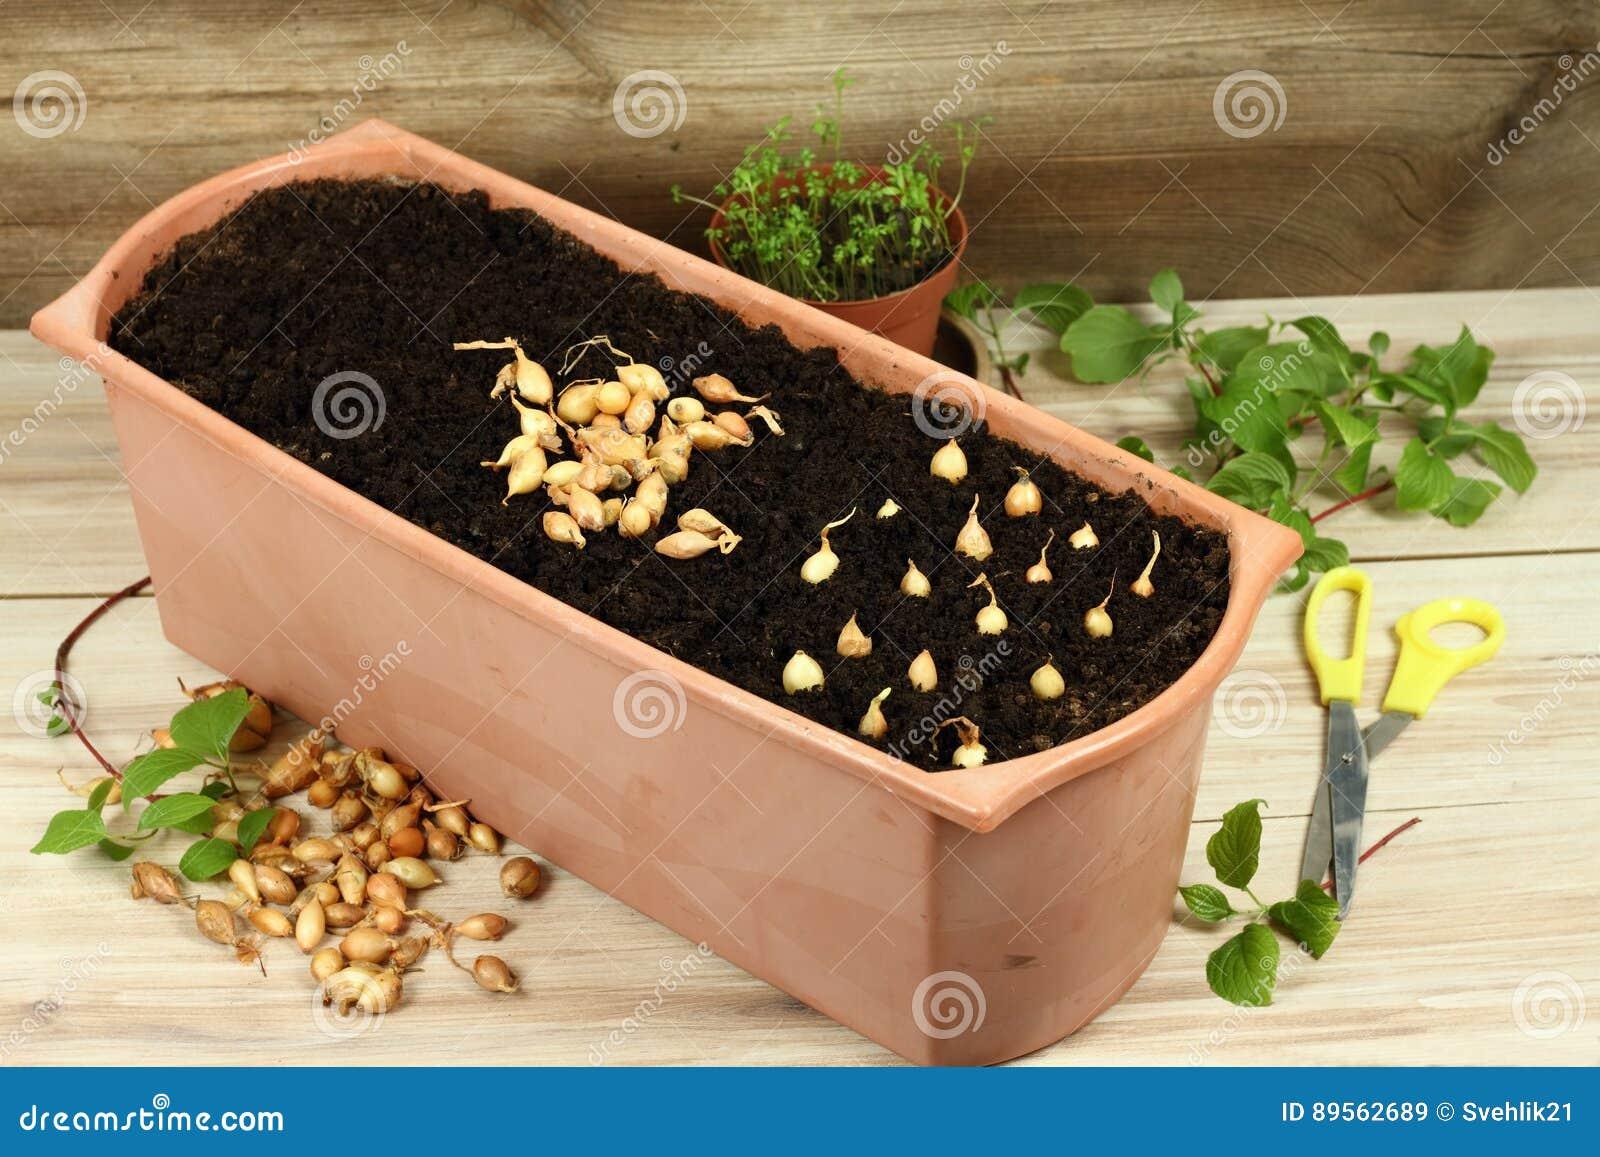 Comment Cultiver Les Oignons comment cultiver rapidement l'oignon complète des ampoules